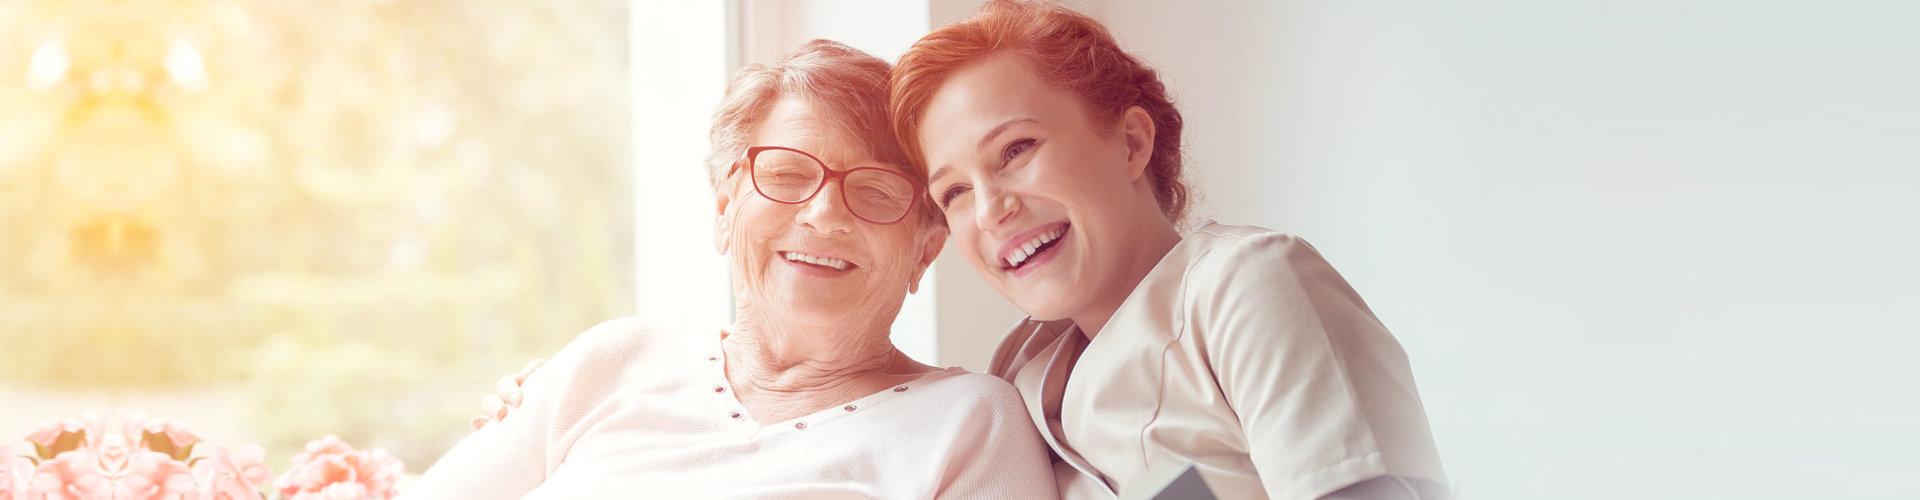 senior woman with happy nurse